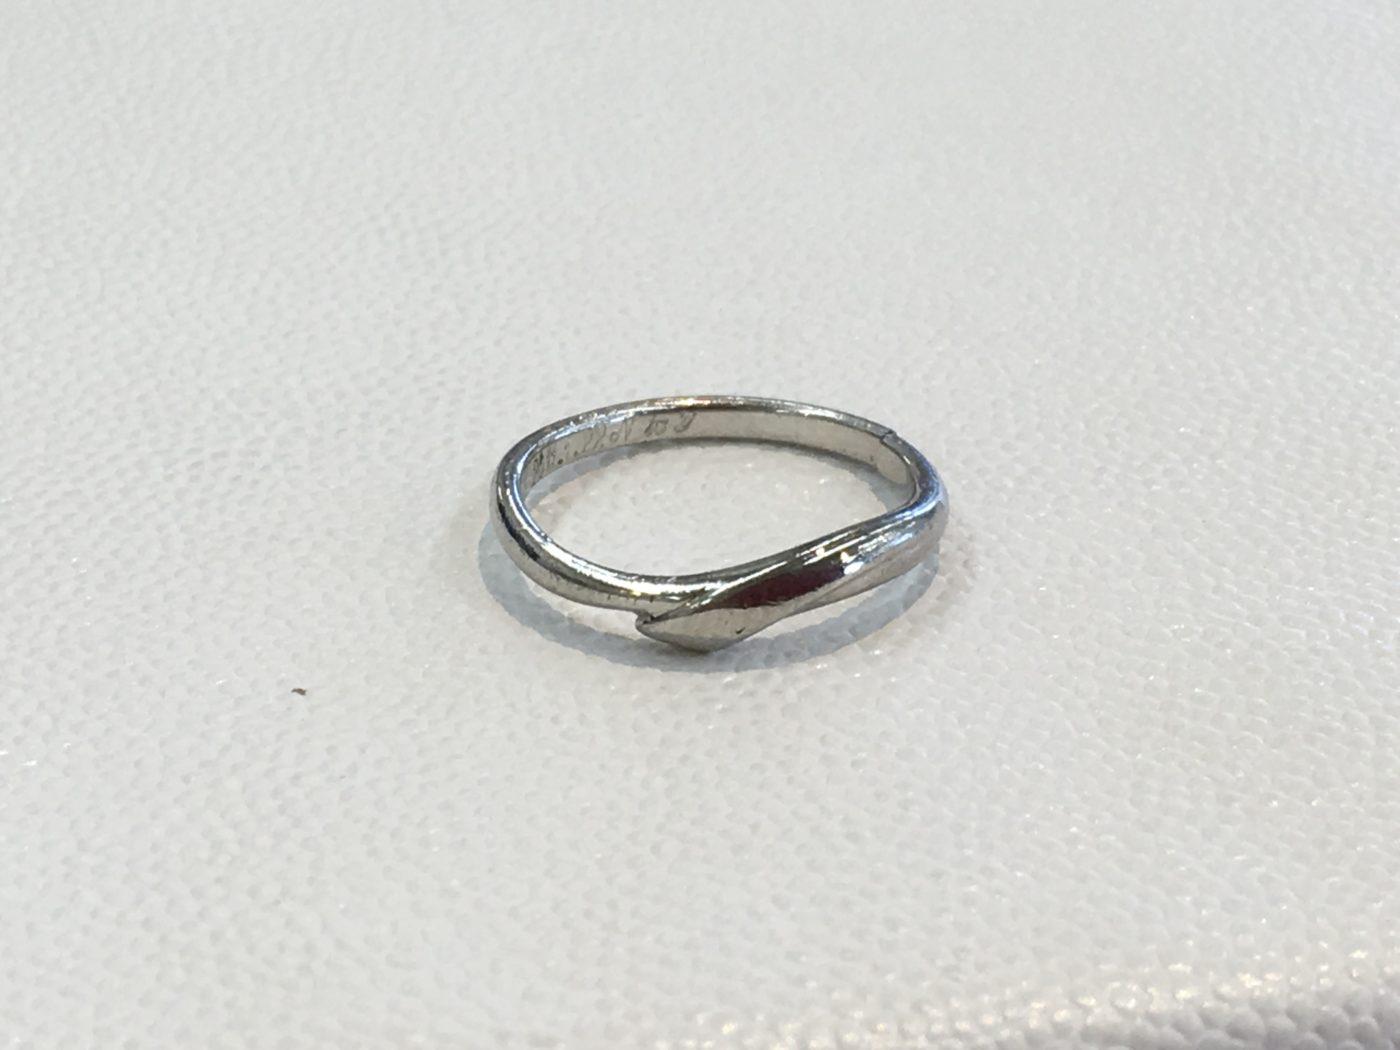 プラチナの指輪 切れた 修理 結婚指輪